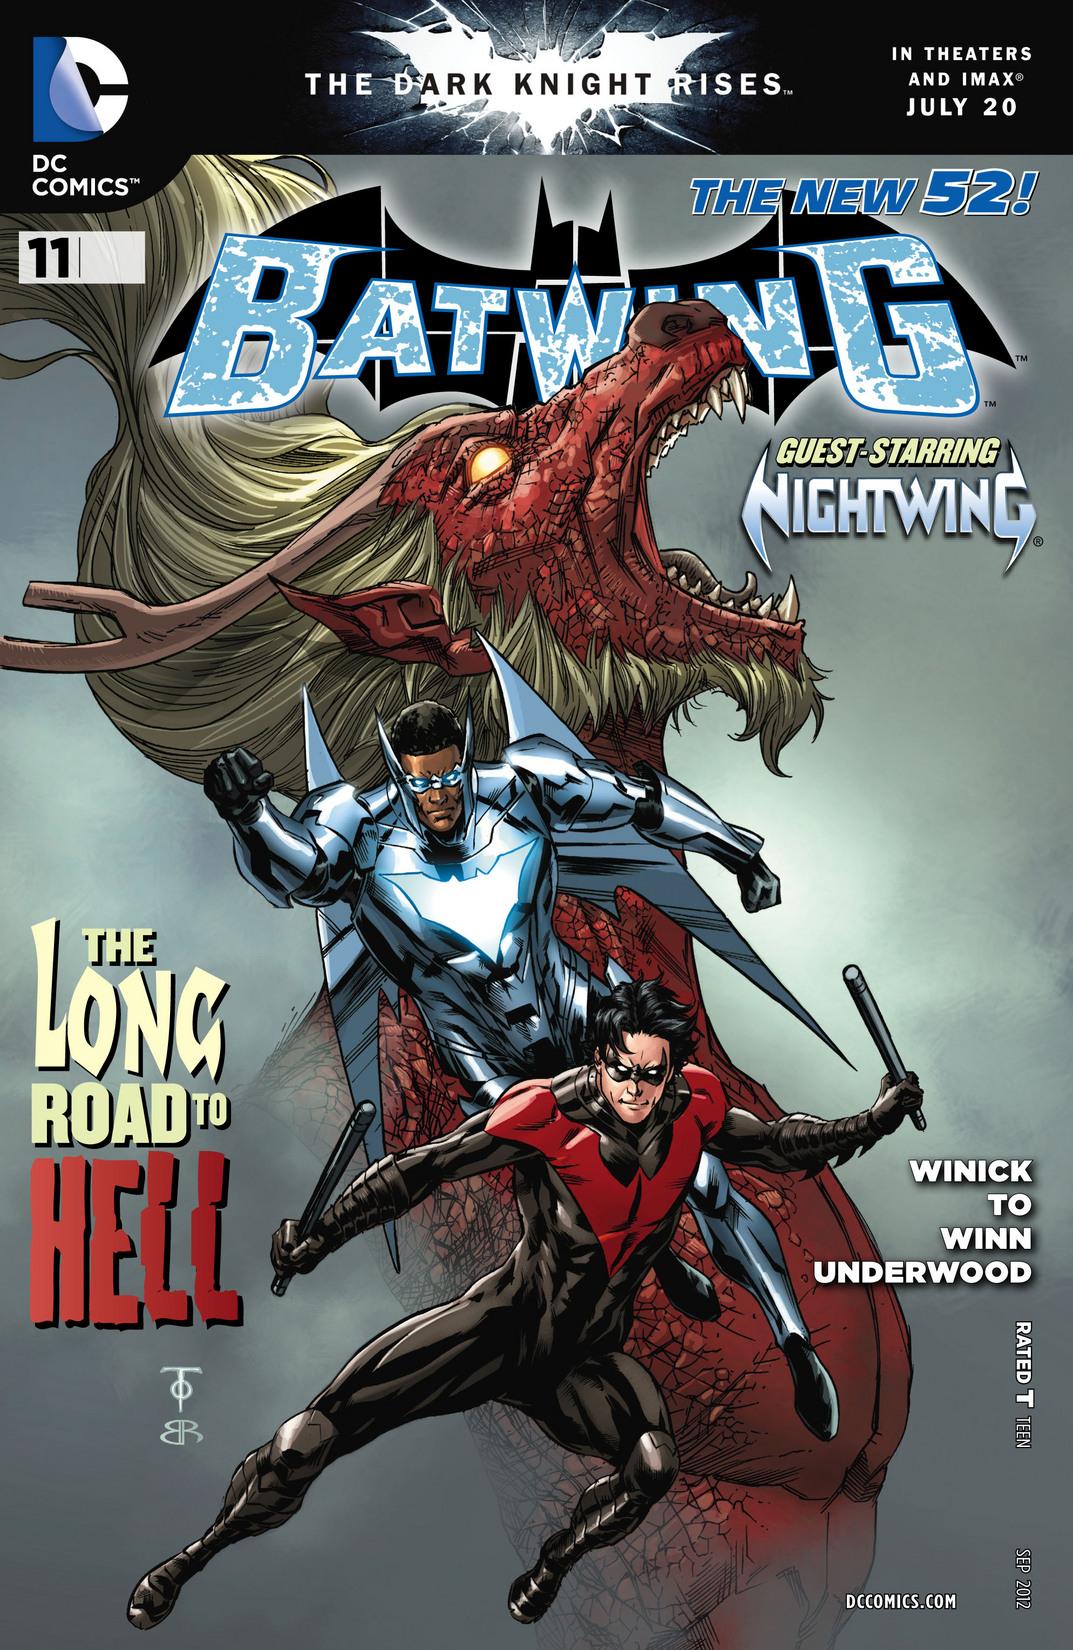 Batman Vol 2 #19 and 20 Scott Snyder Greg Capullo (DC Comics 2013) Near Mint